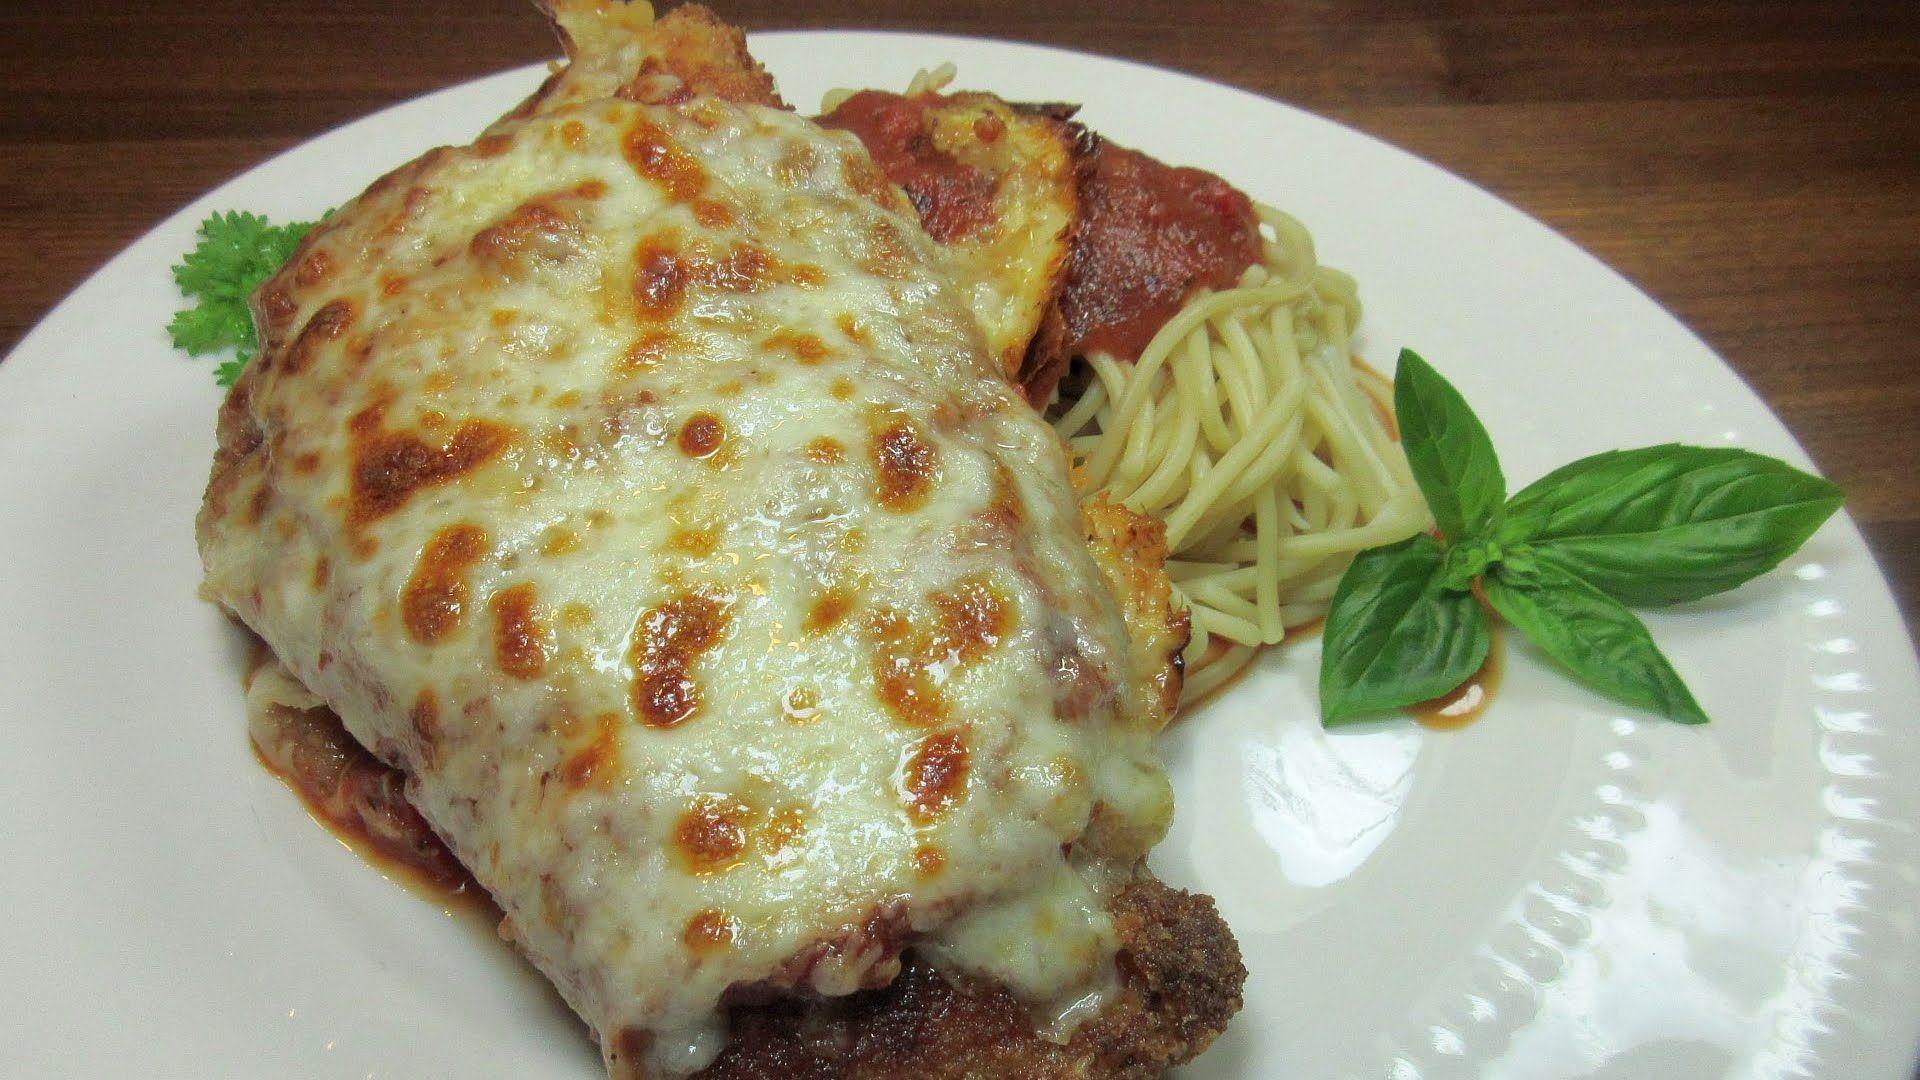 Italian chicken parmesan start to finish parmigiana recipe my italian chicken parmesan start to finish parmigiana recipe forumfinder Image collections